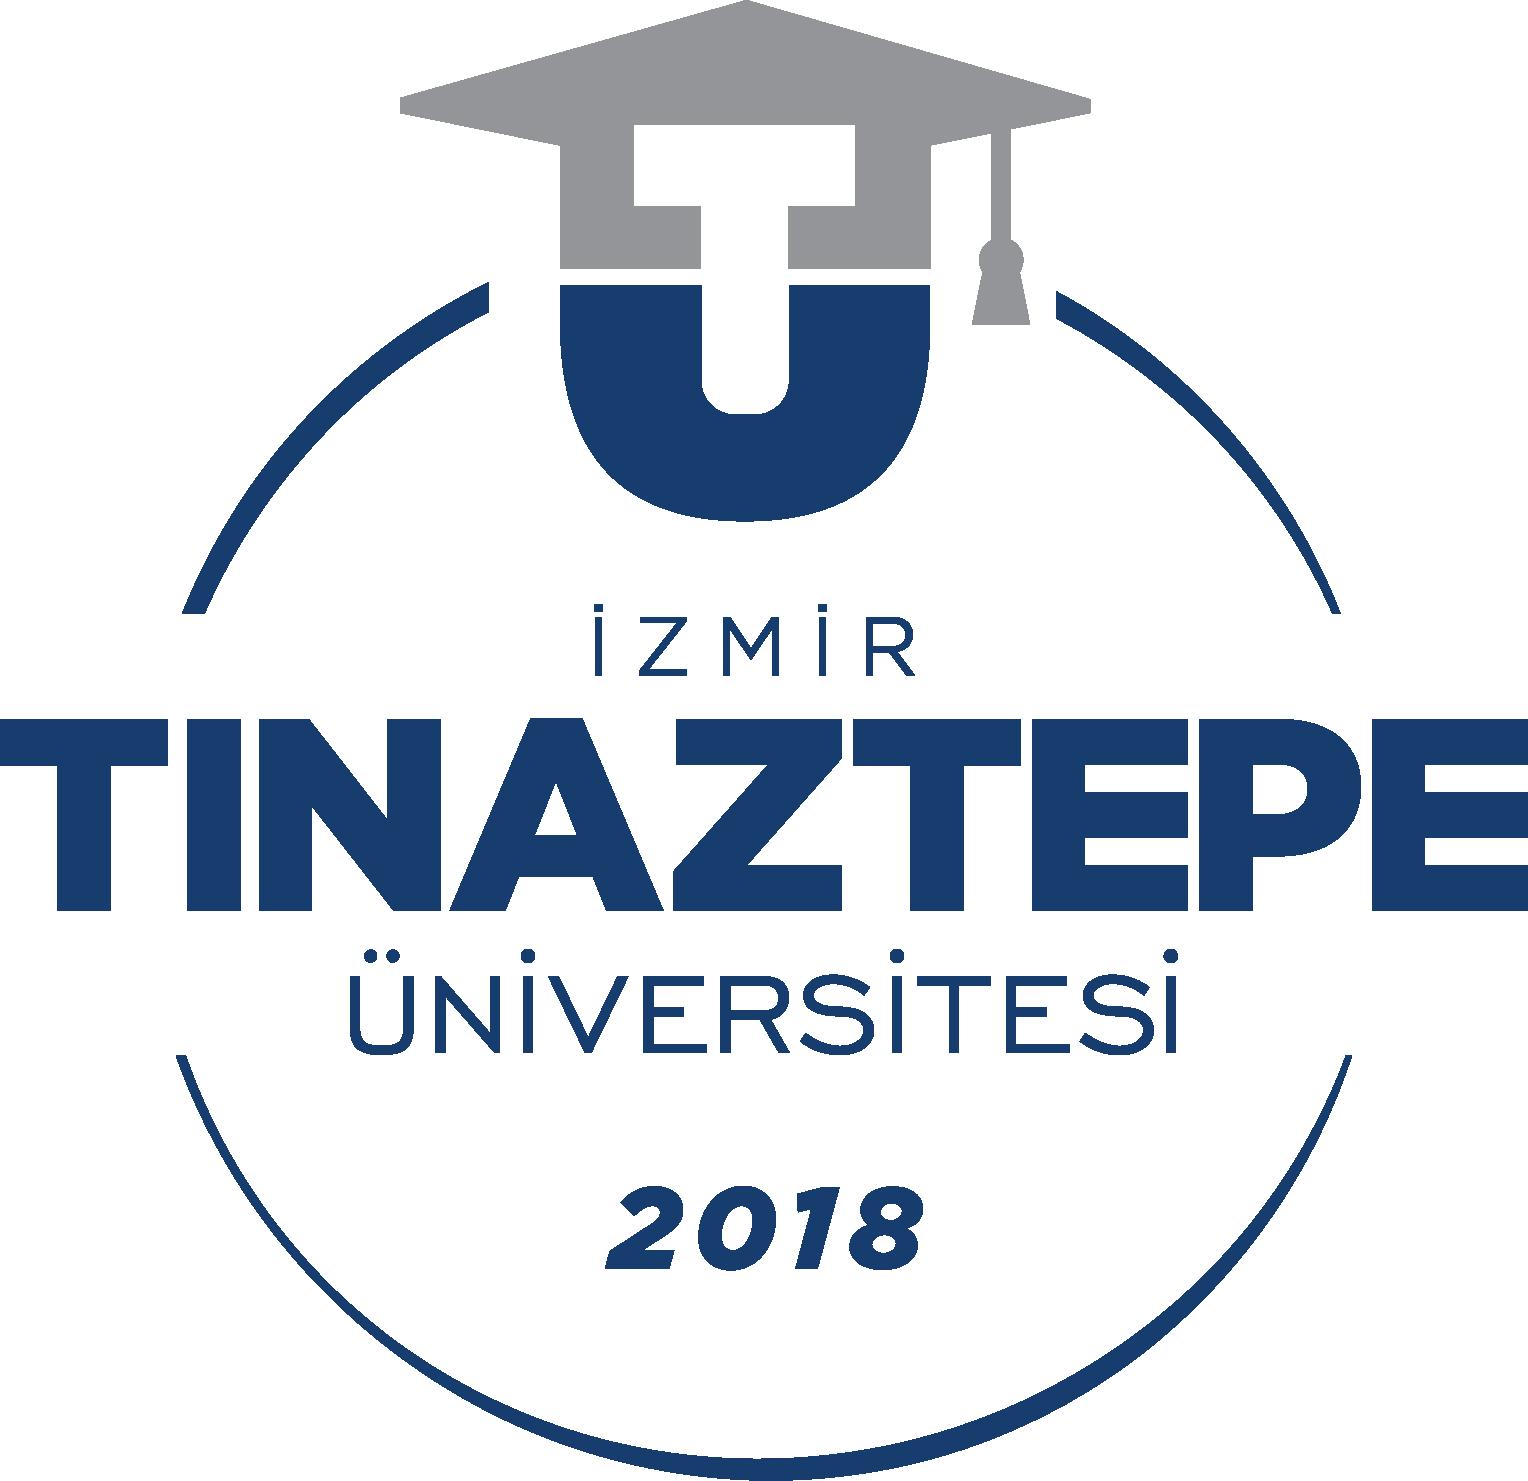 Tinaztepe Kütüphane